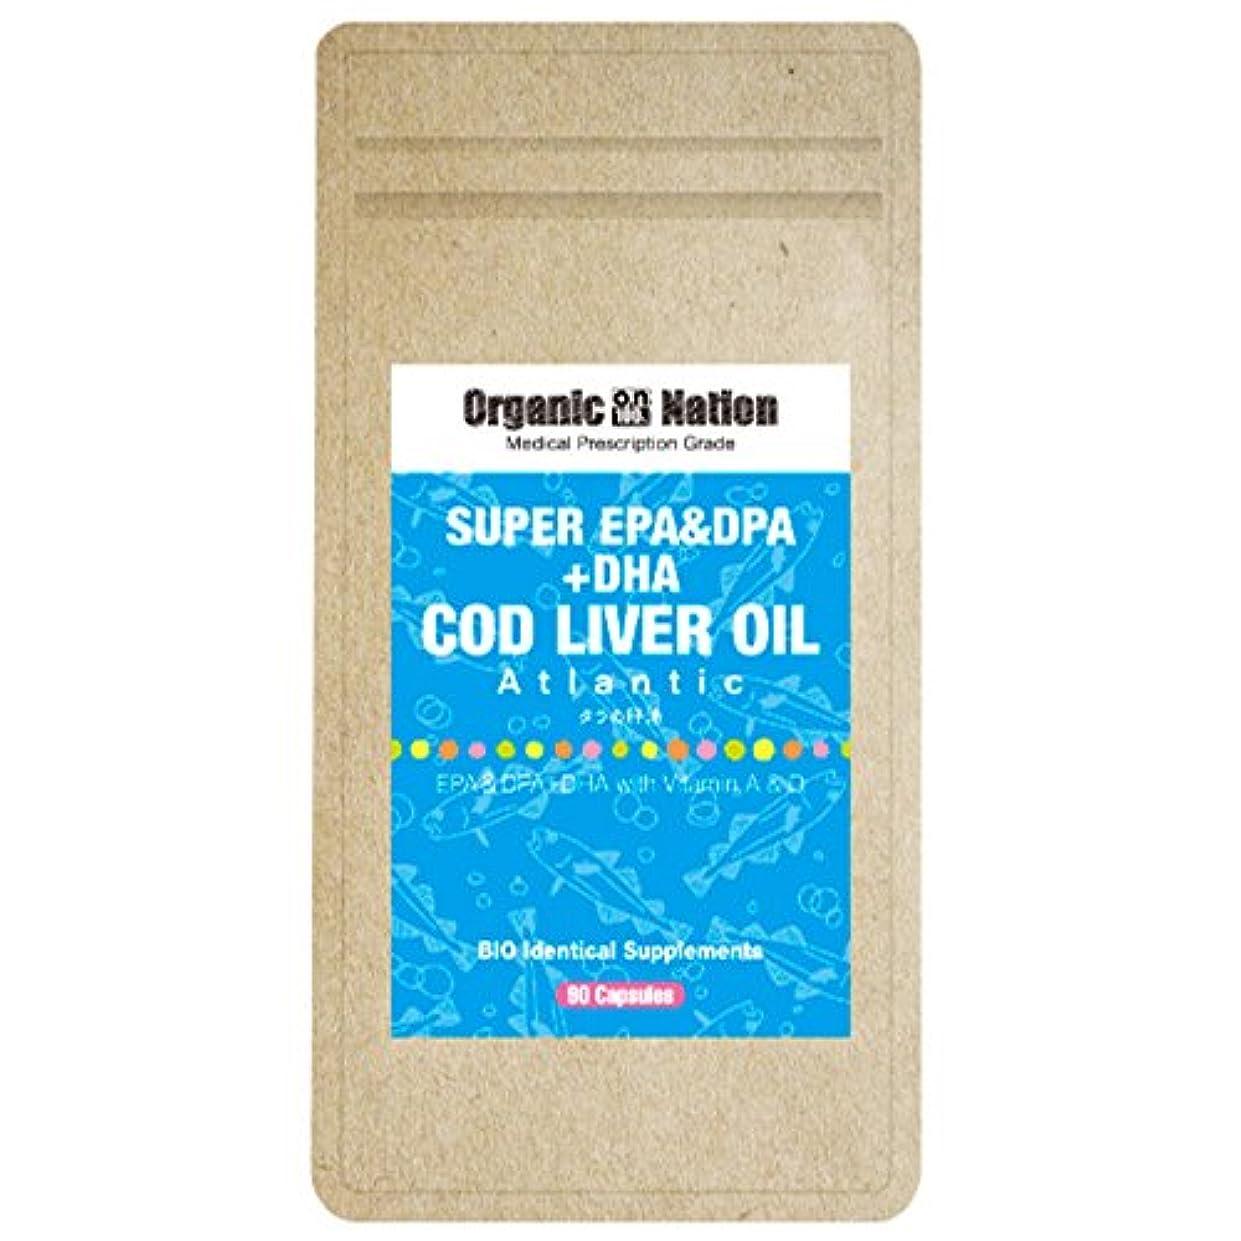 メーカーではごきげんようぎこちないOrganic Nation スーパーEPA+DPA+DHA タラの肝油 90カプセル